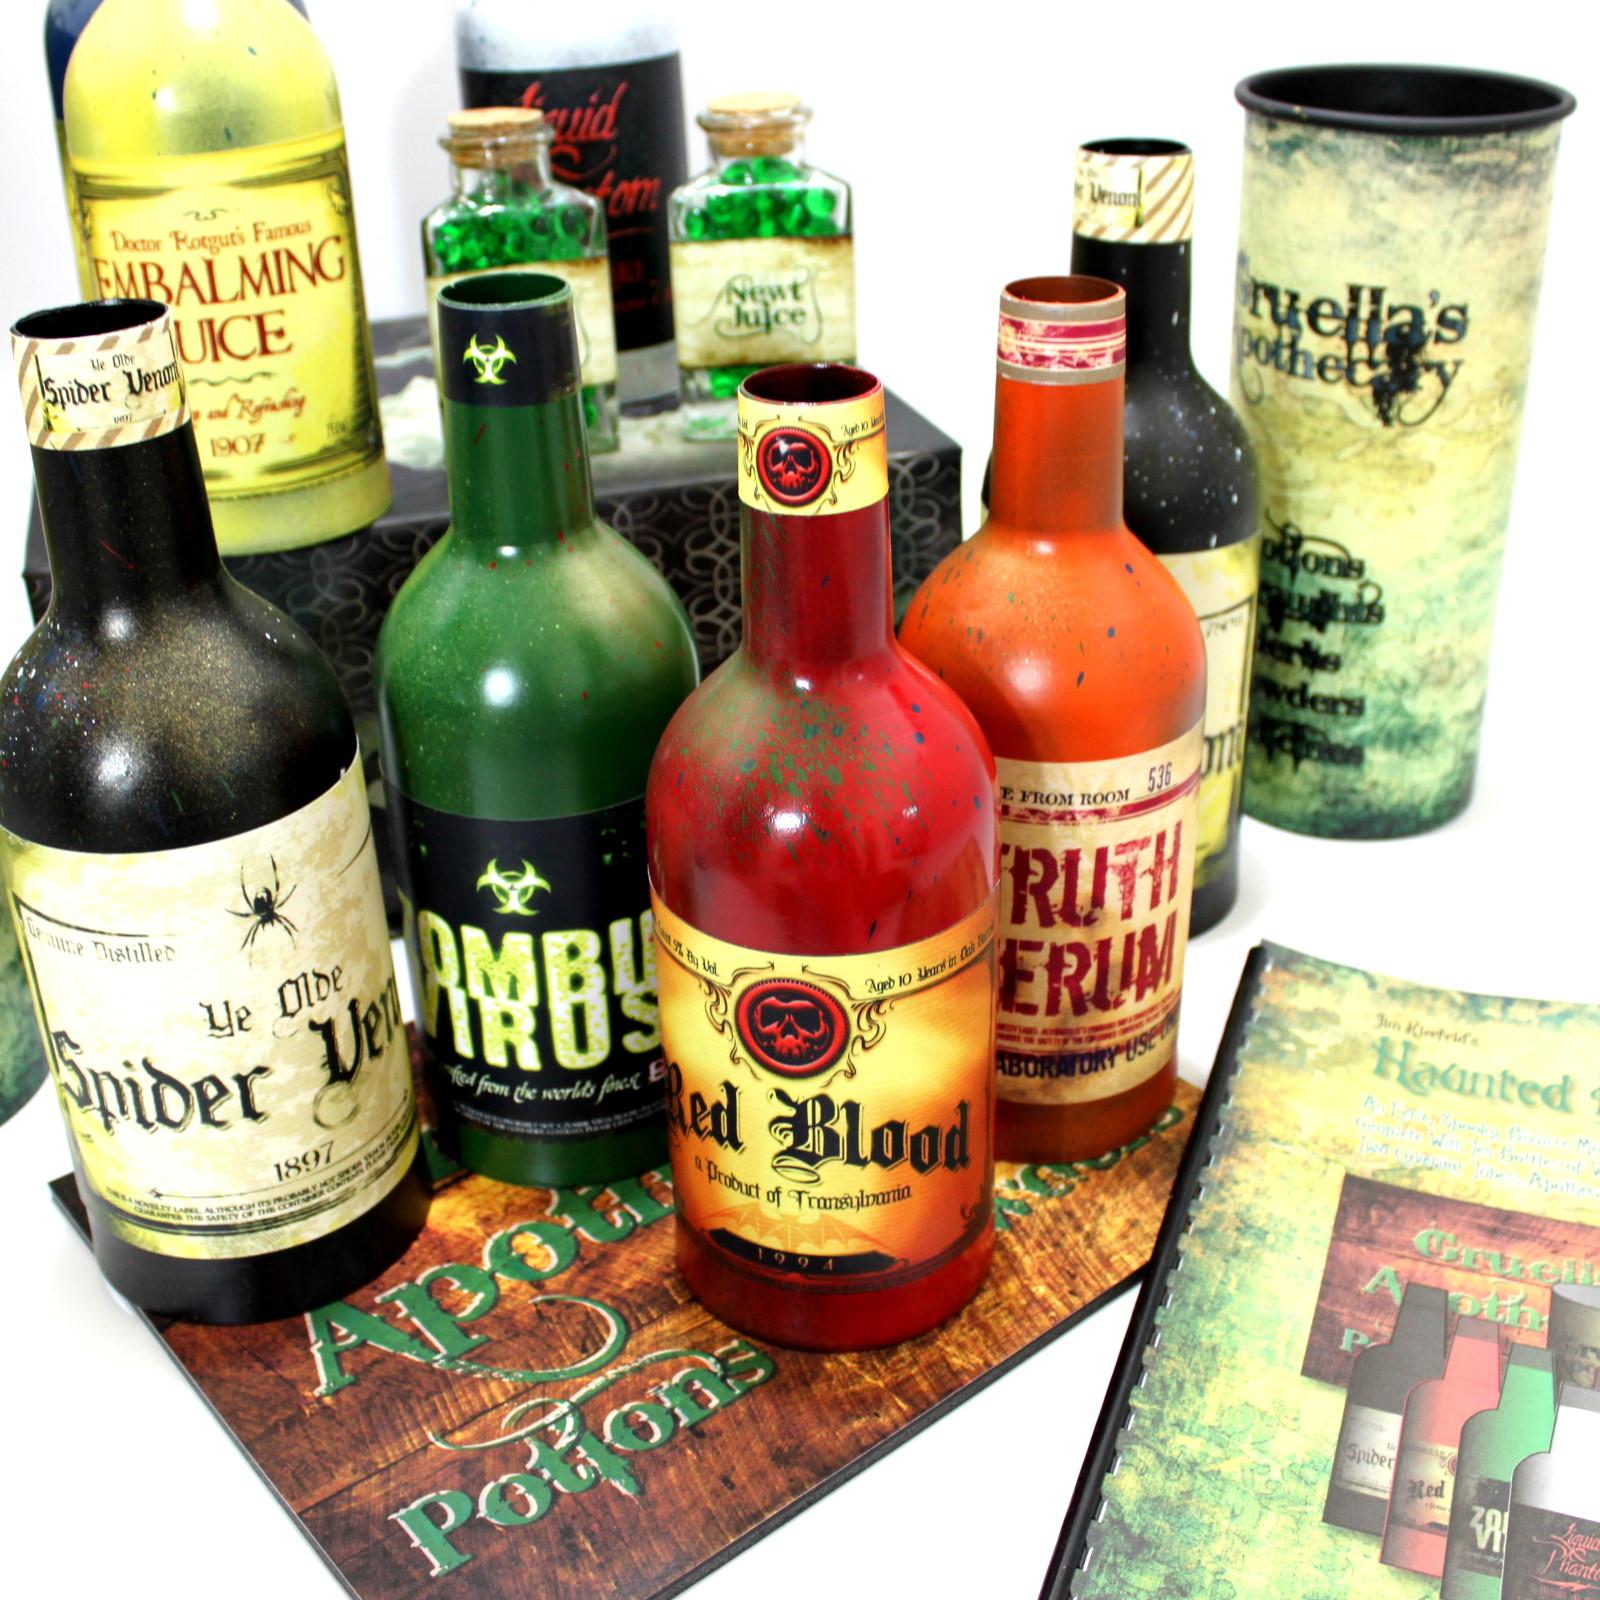 Haunted Multiplying Bottles by Jim Kleefeld